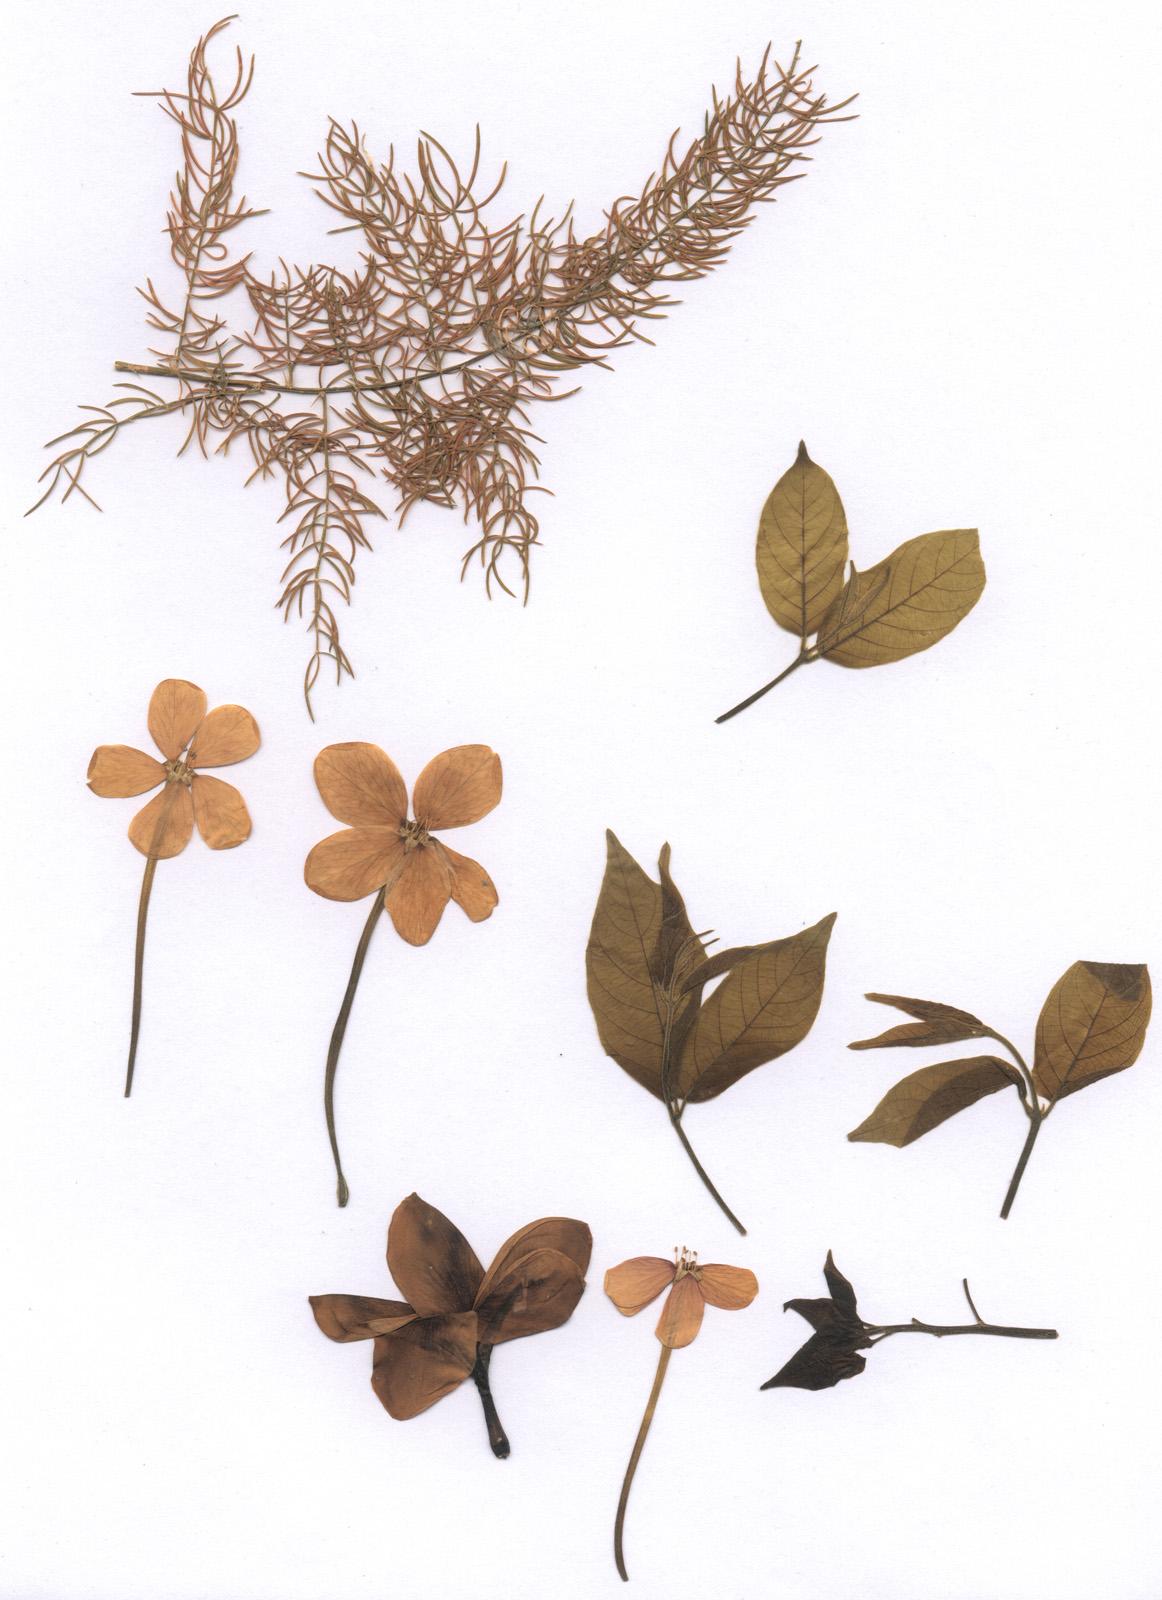 Flower preservation techniques